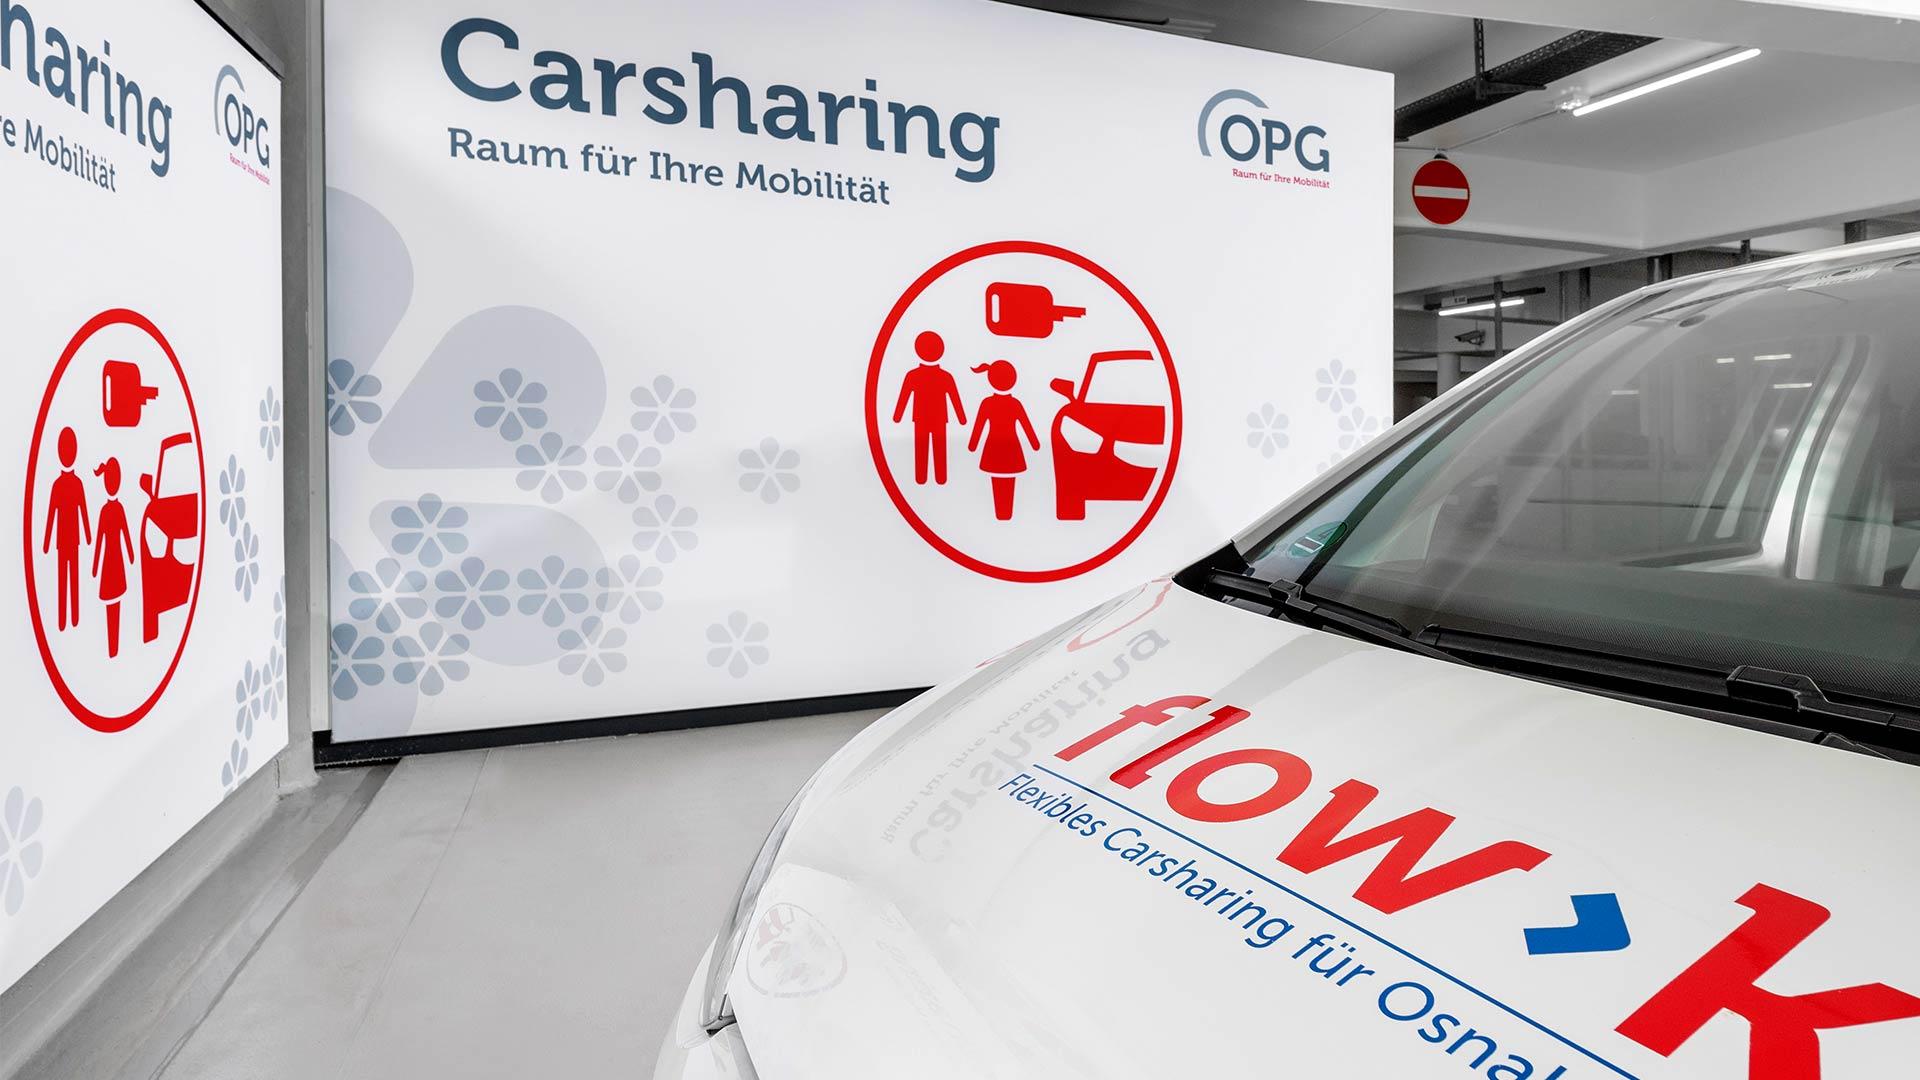 """Die OPG arbeitet mit dem Osnabrücker Carsharing Anbieter """"StadtTeilAuto"""" zusammen"""